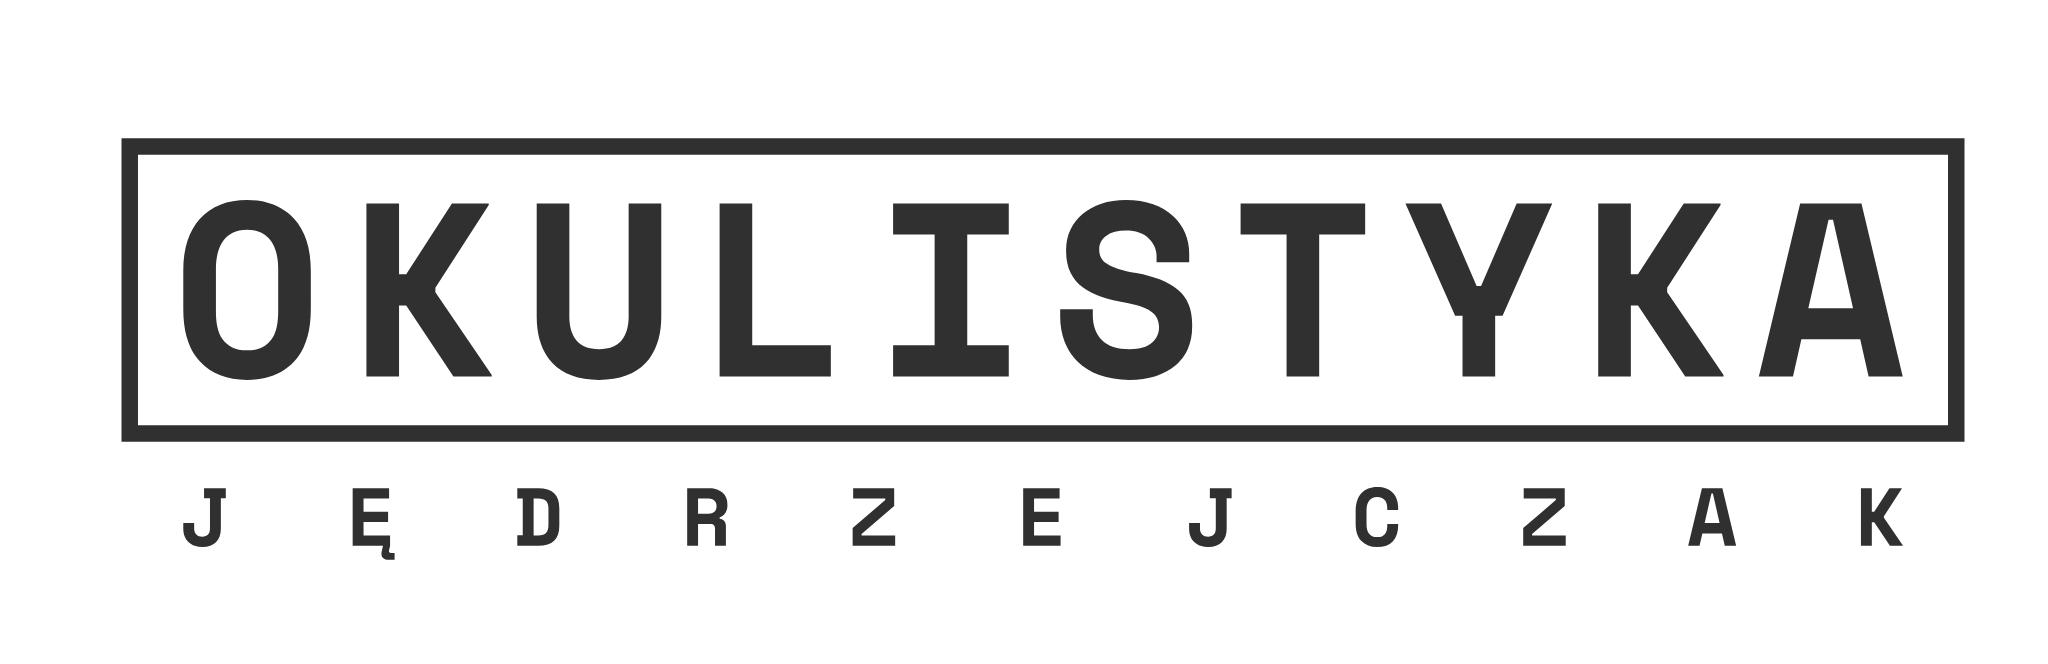 Okulistyka Jędrzejczak